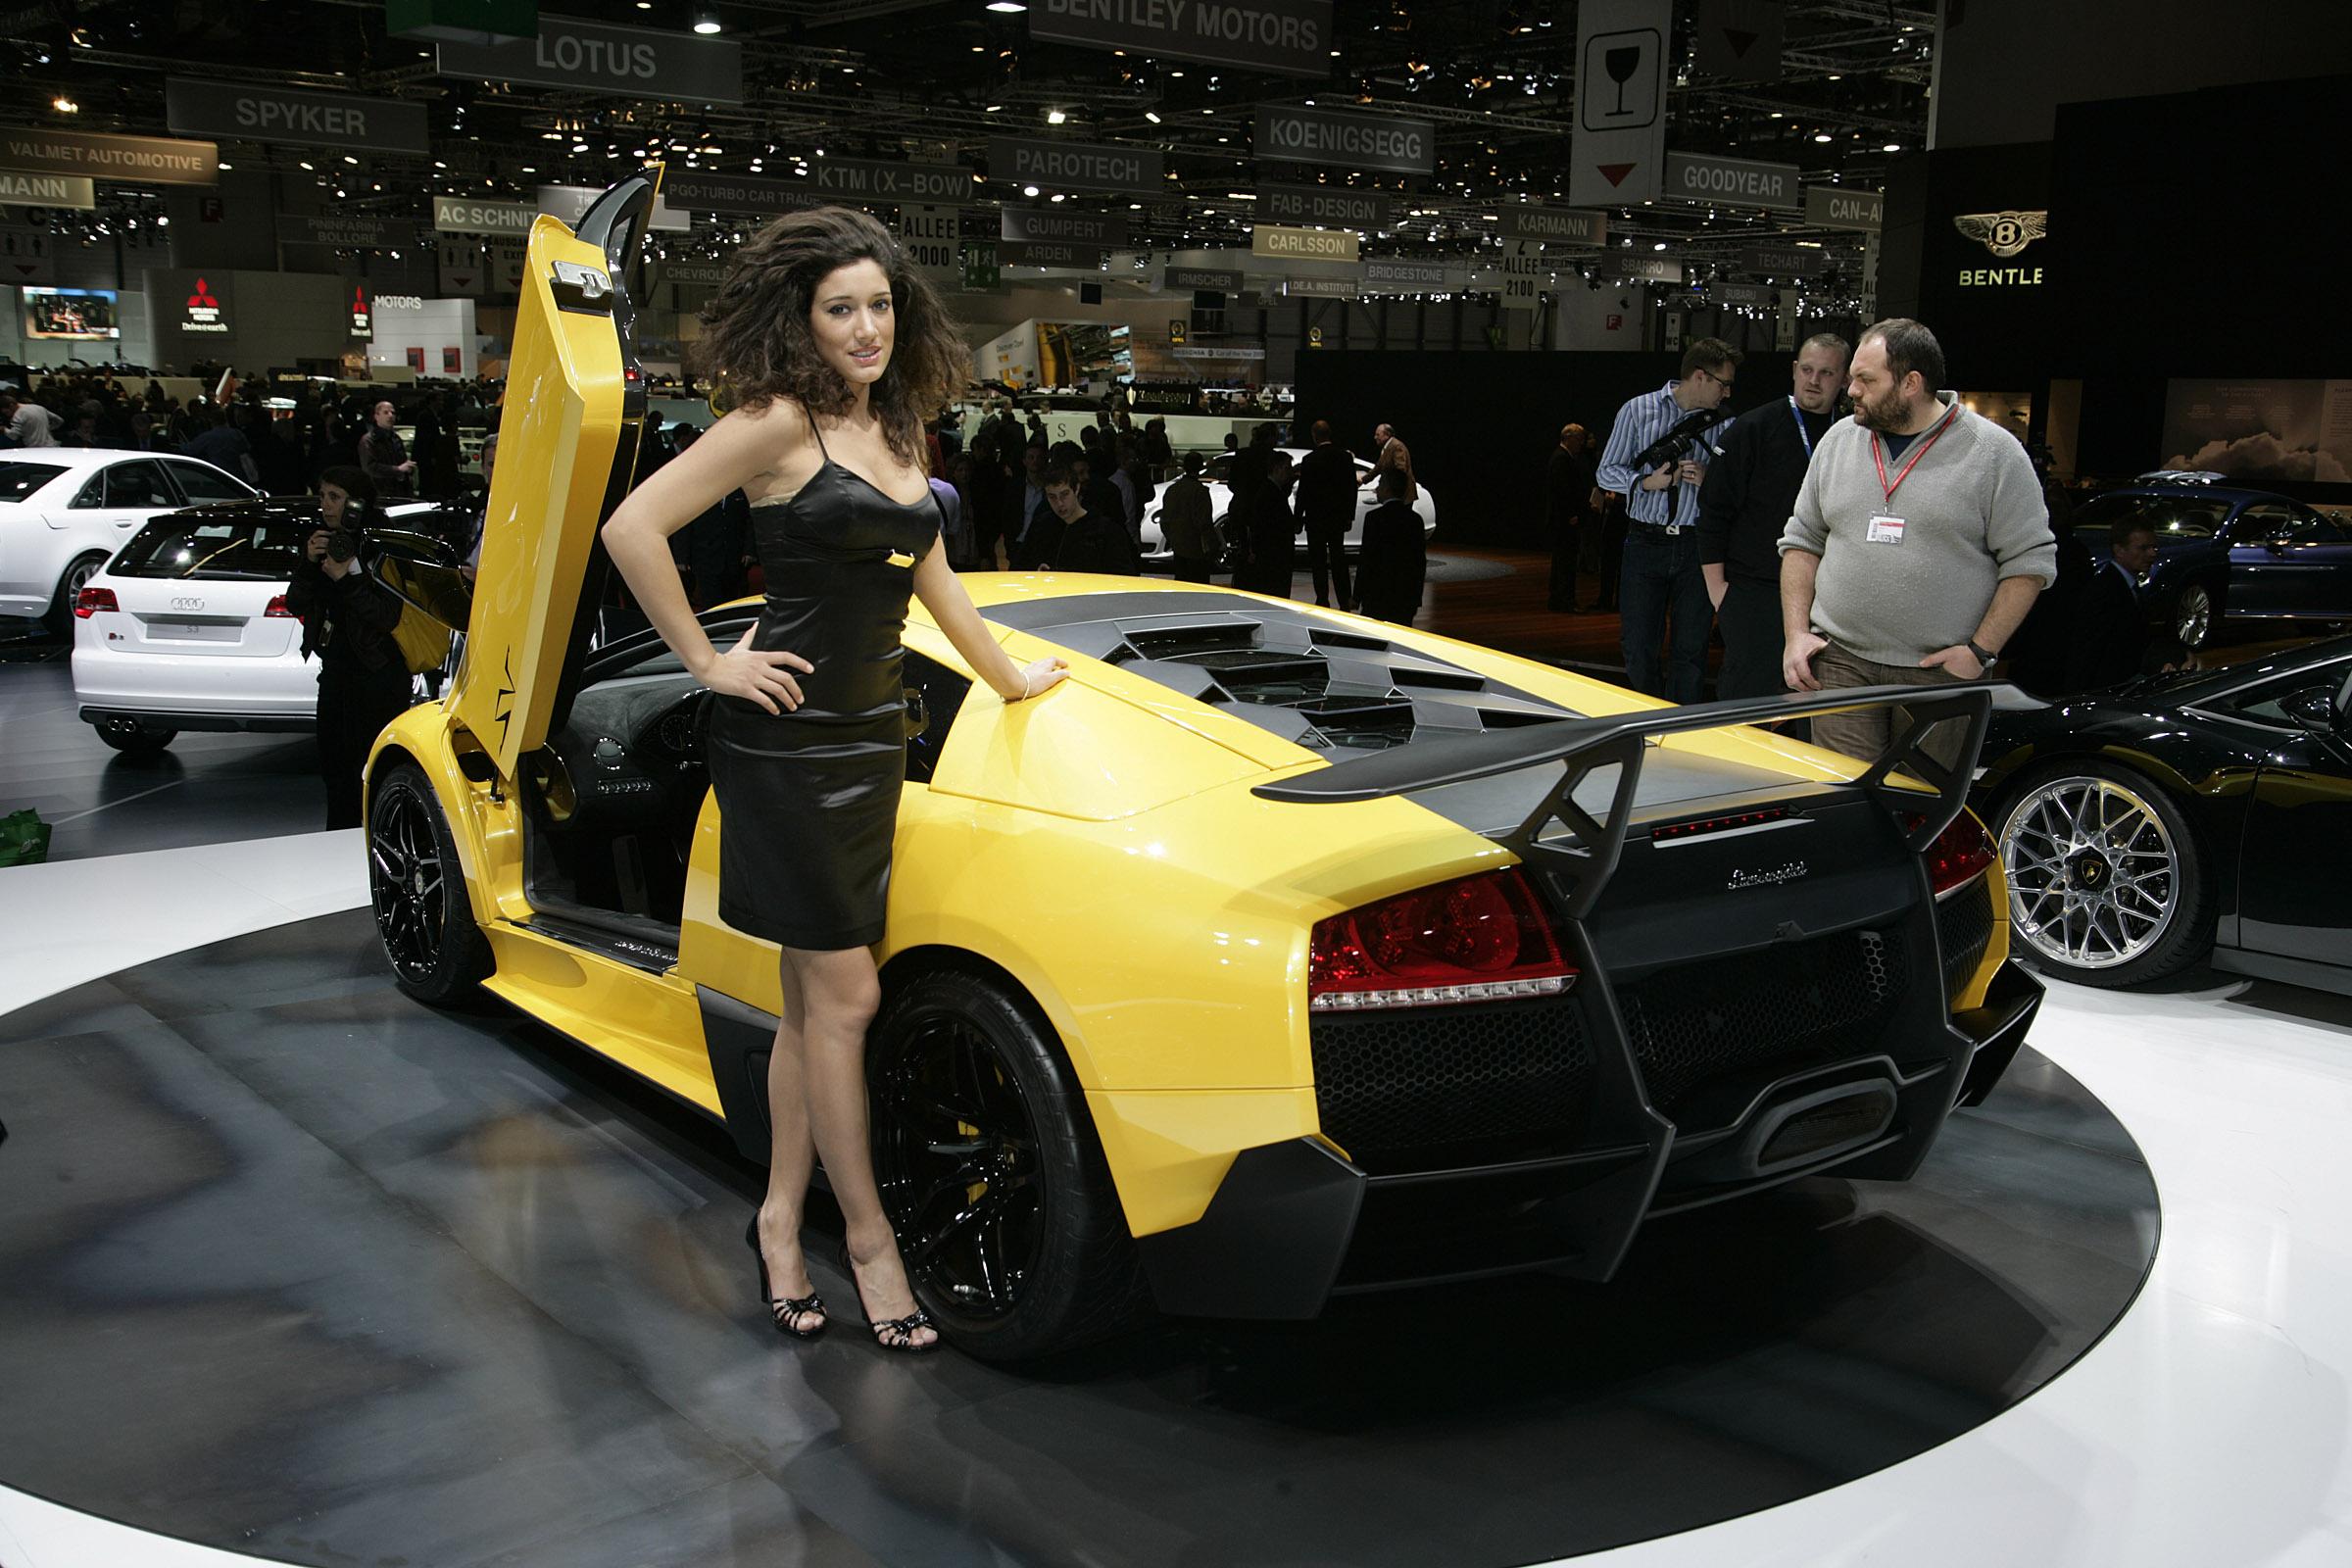 Lamborghini murcielago lp-670 4 superveloce geneva - 2009 - фотография №8